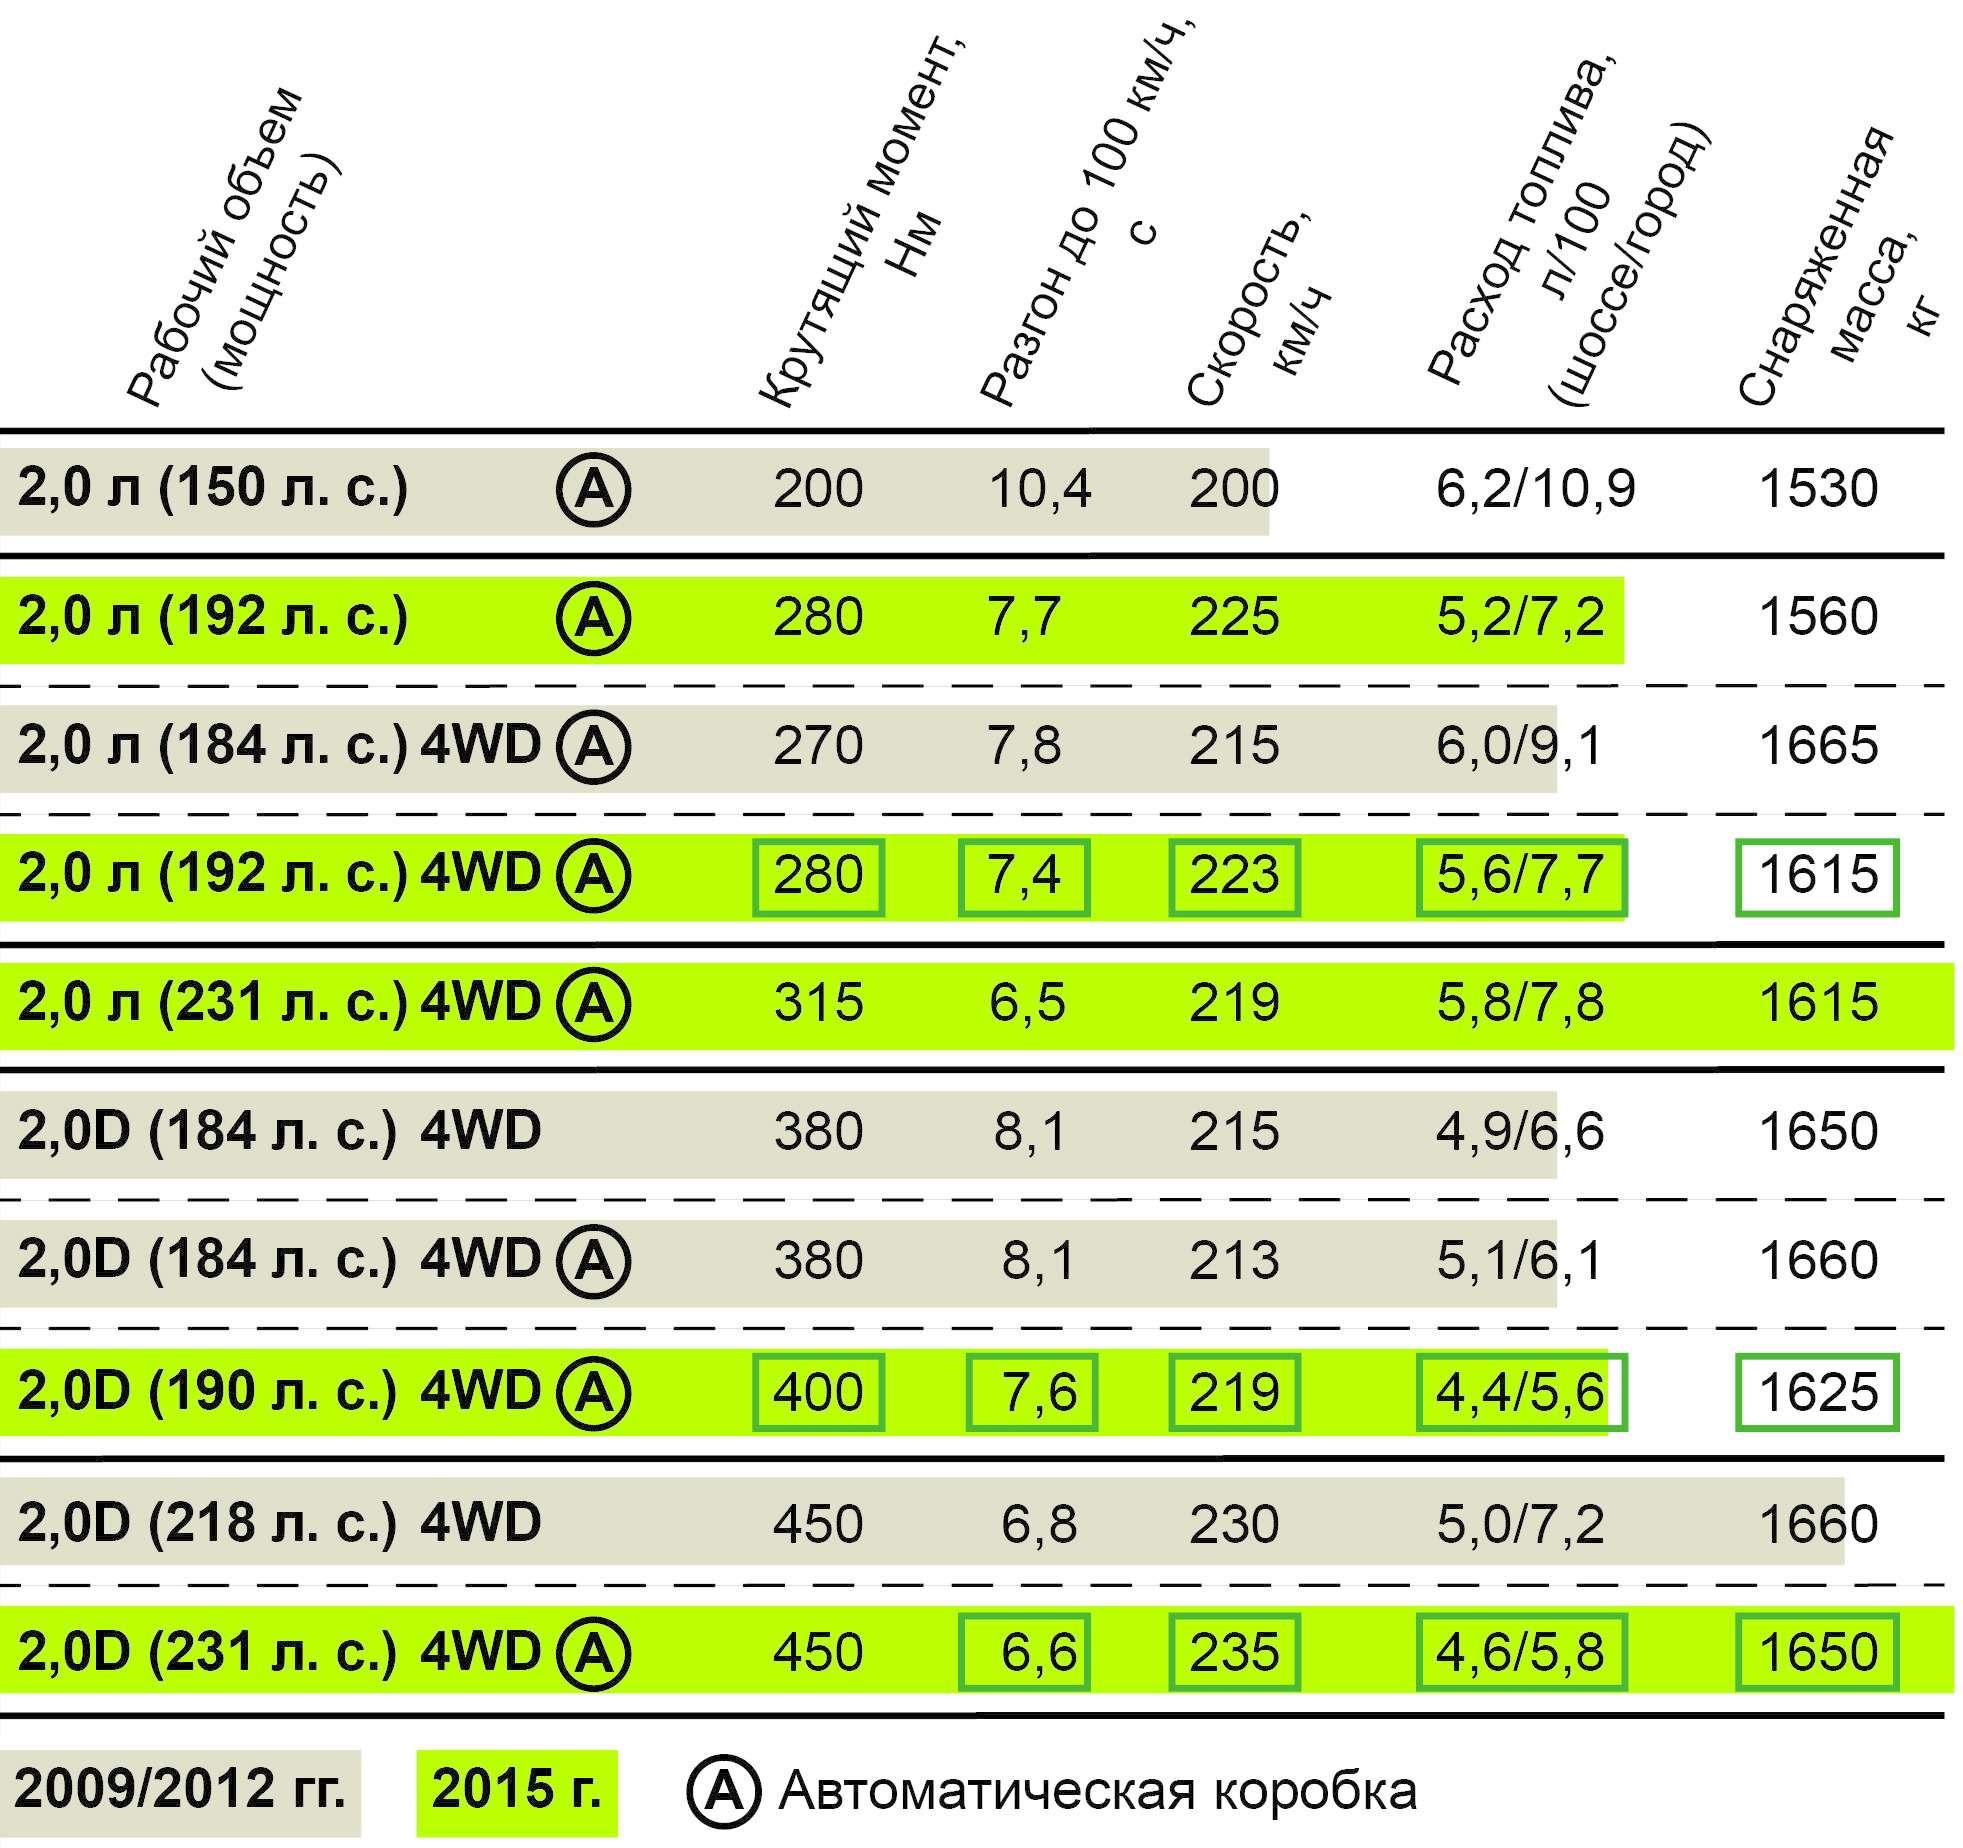 Новый BMW X1против старого: неожиданный упрек— фото 389538